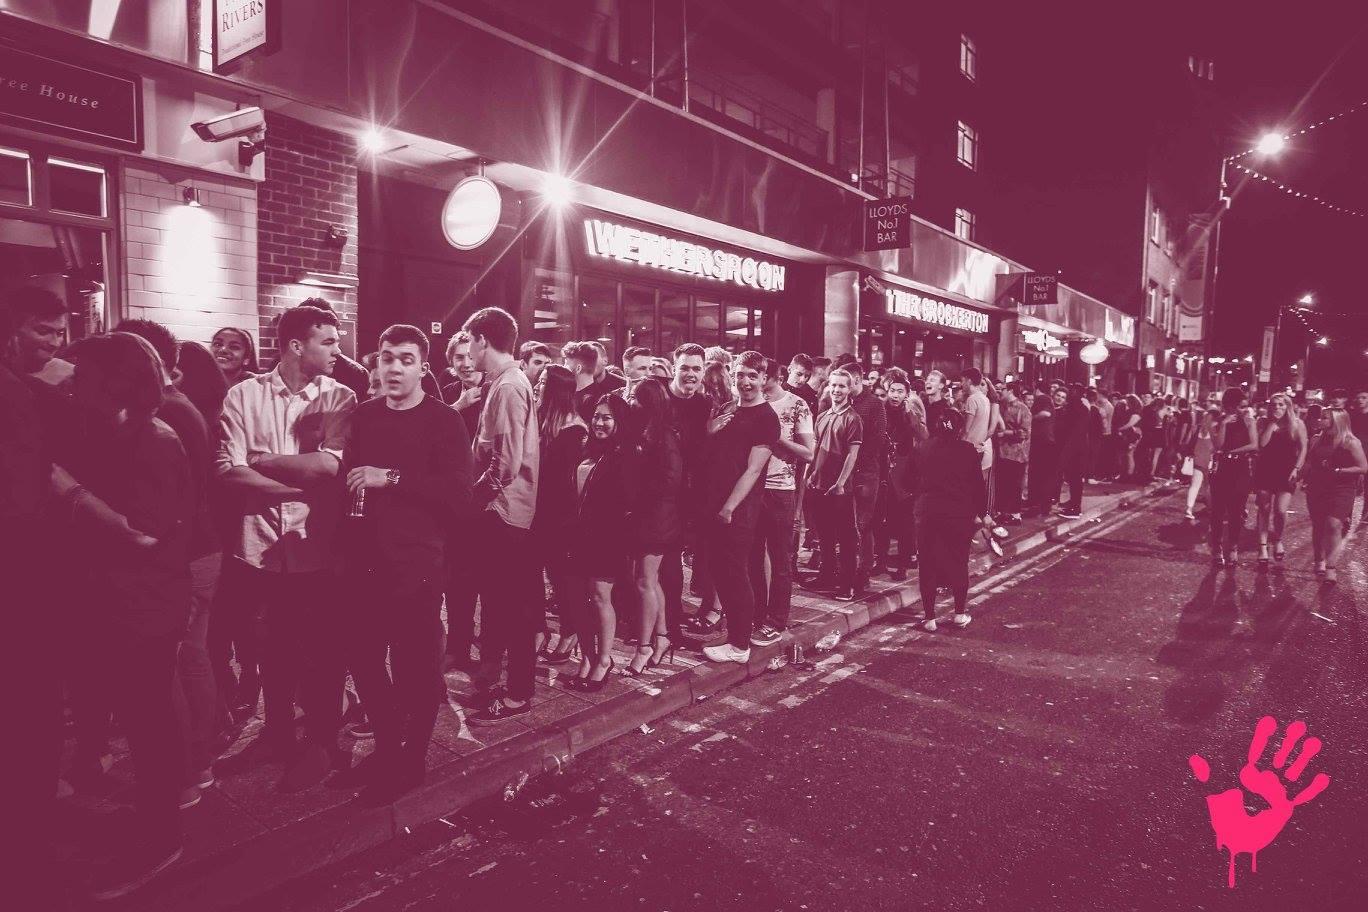 A strong queue